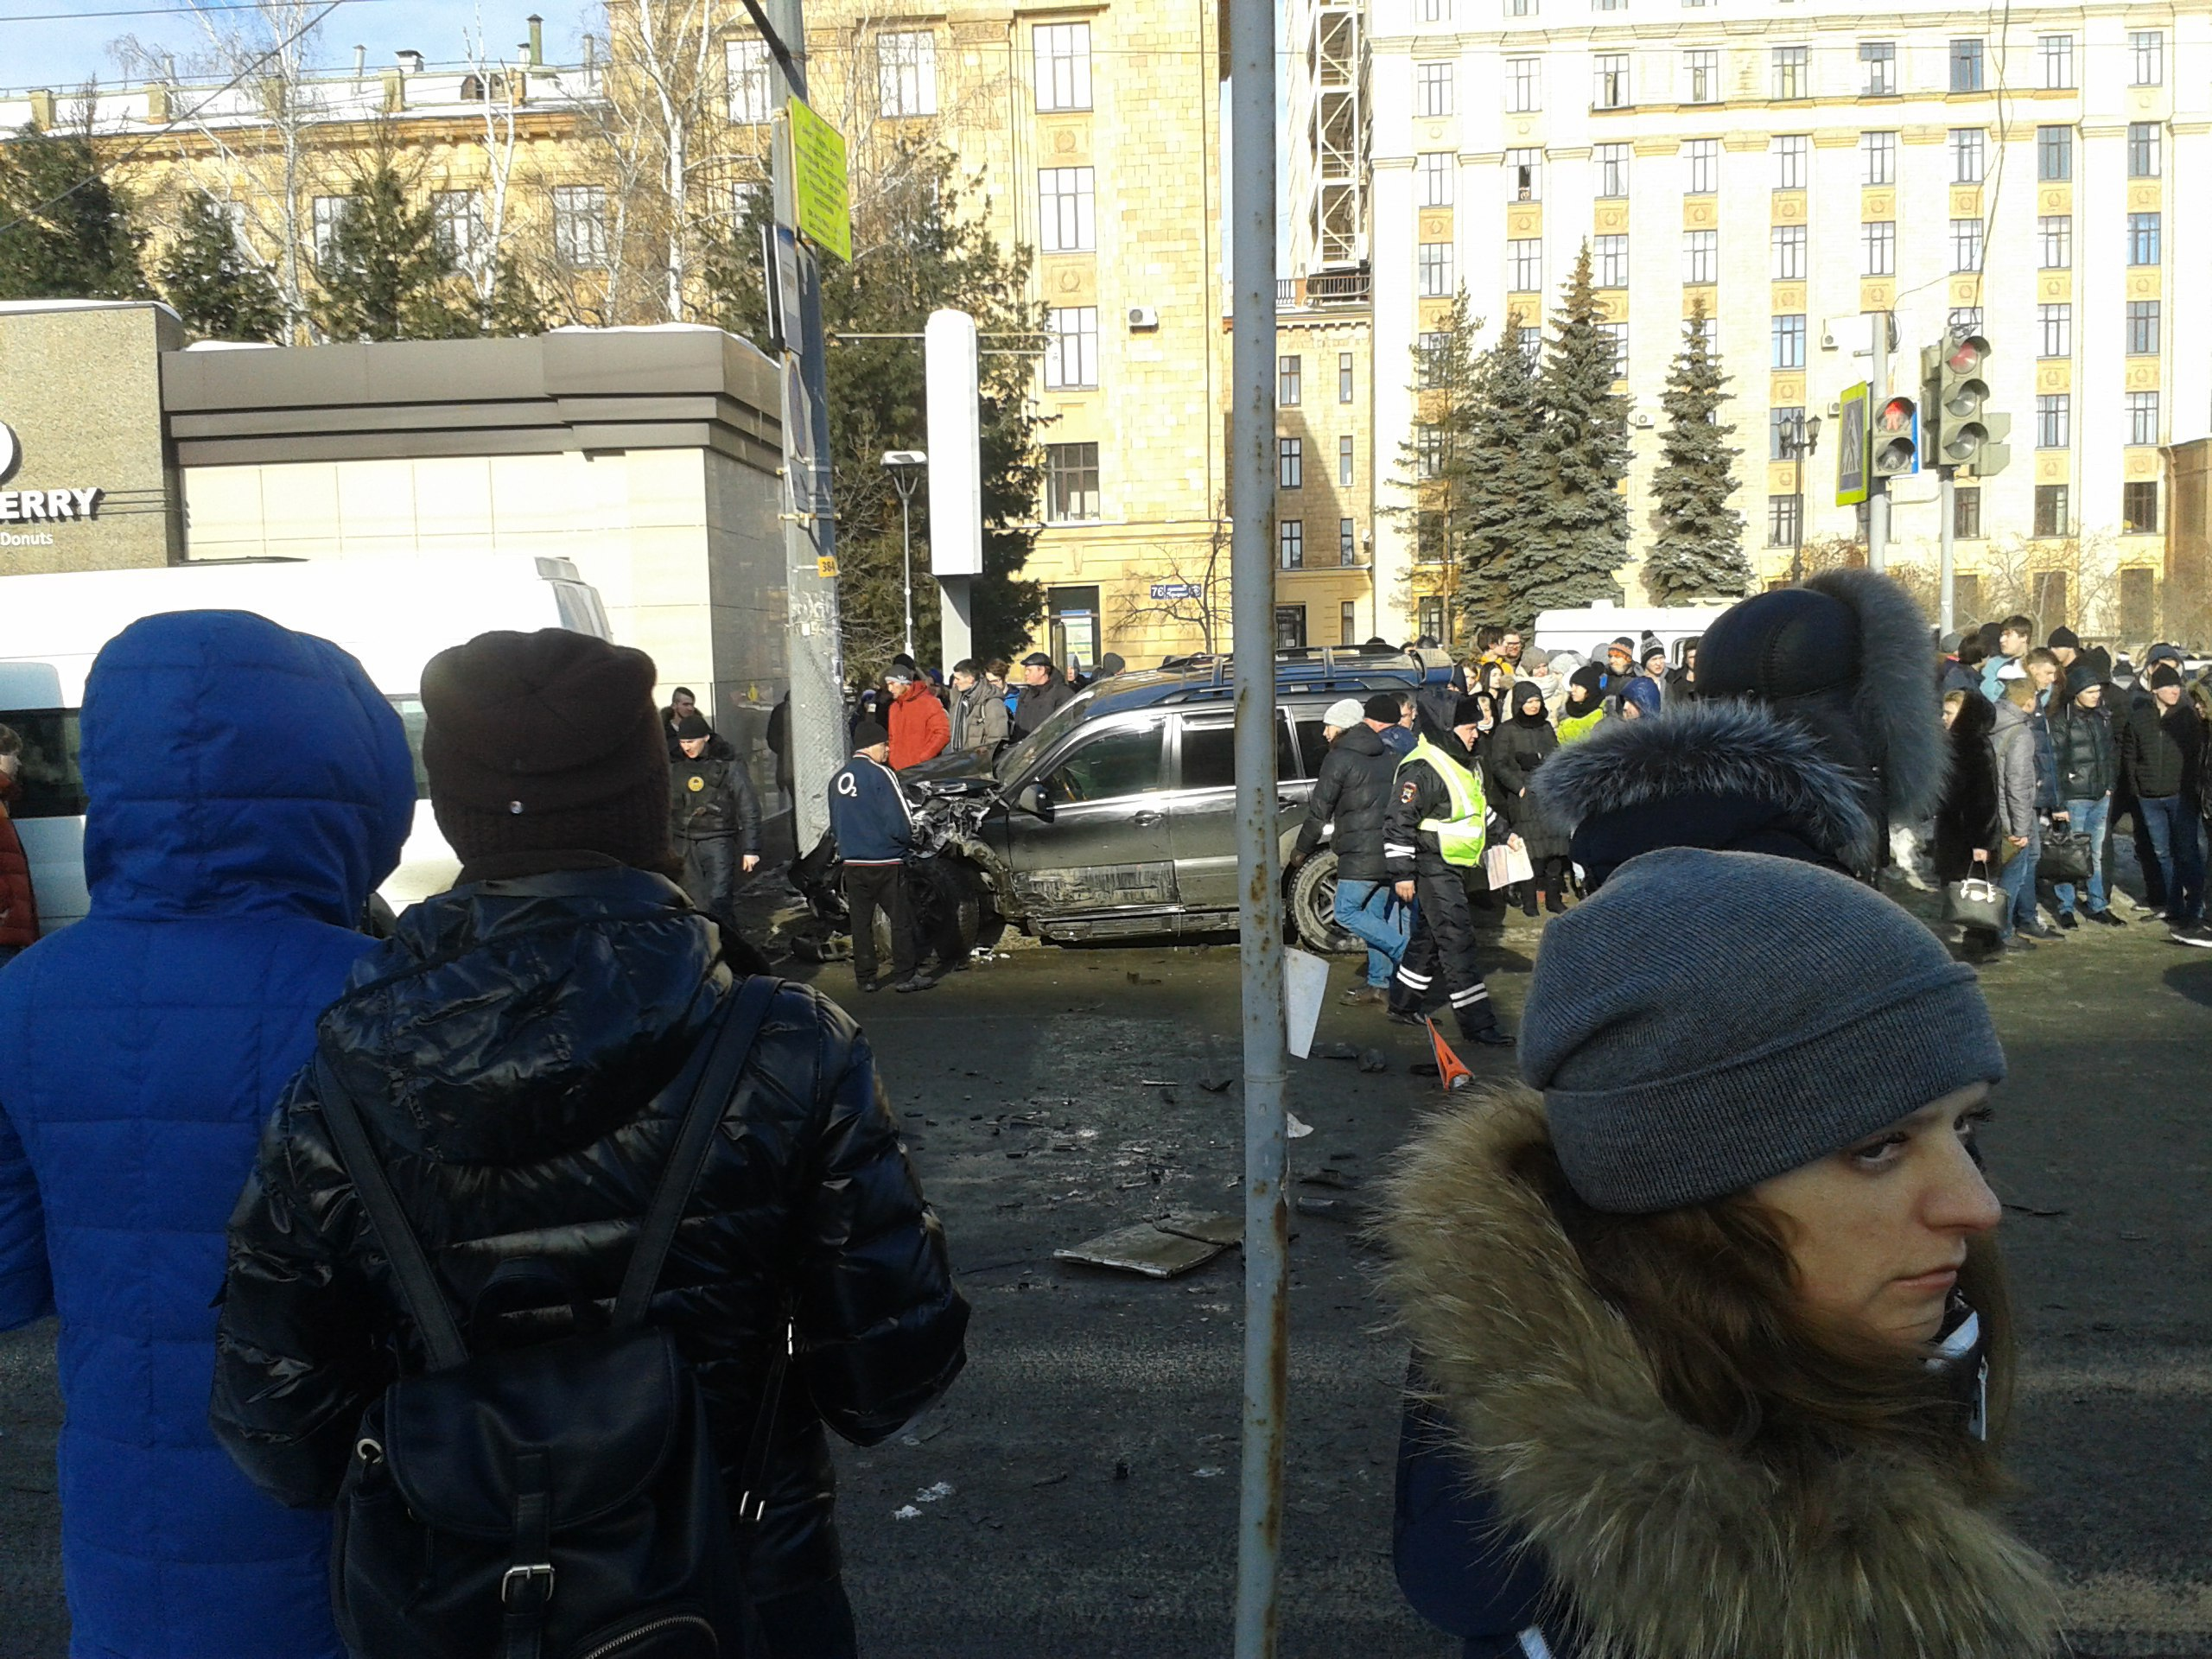 «Пострадавшие в аварии студентки получат материальную помощь в размере 50 тысяч рублей, - рассказ